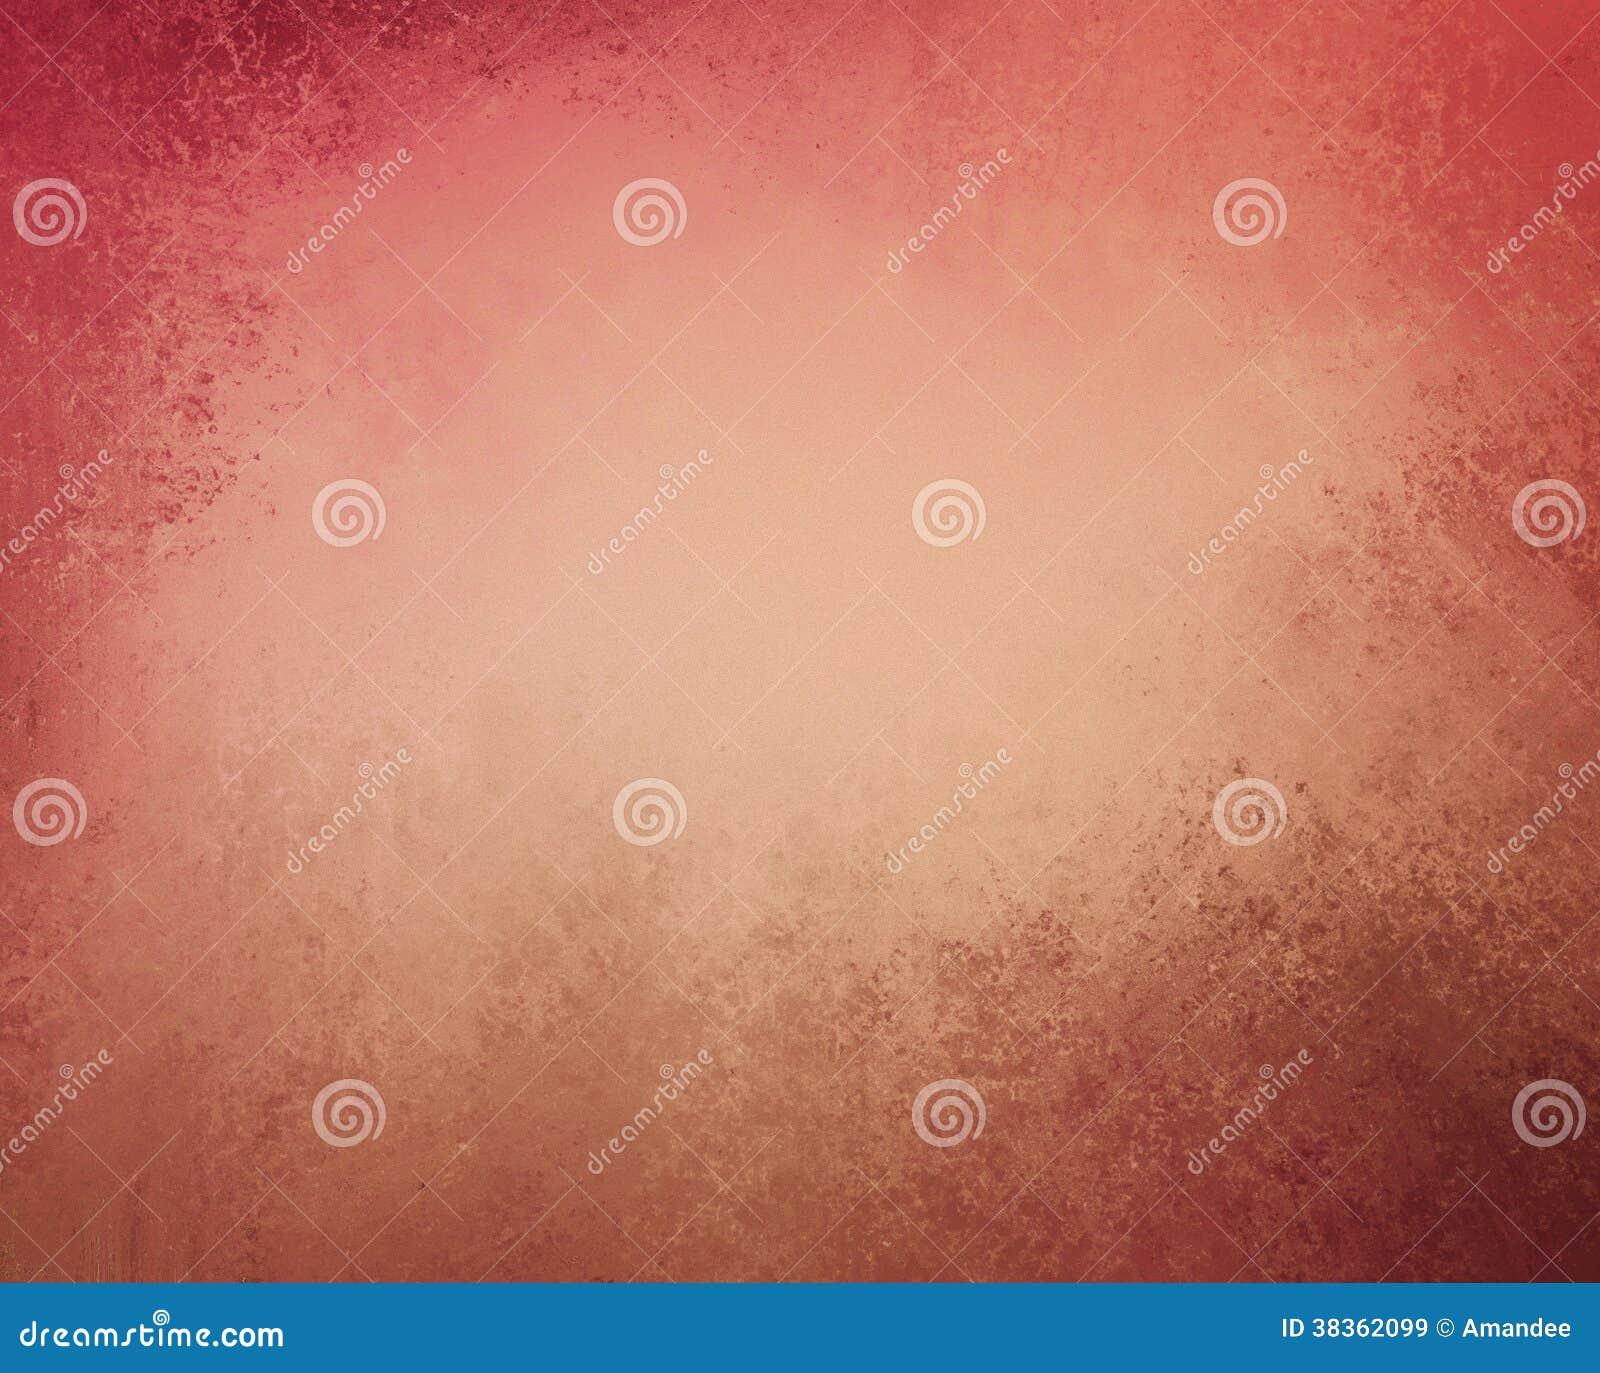 Centro dorado del fondo anaranjado abstracto y colores calientes de la frontera anaranjado oscuro